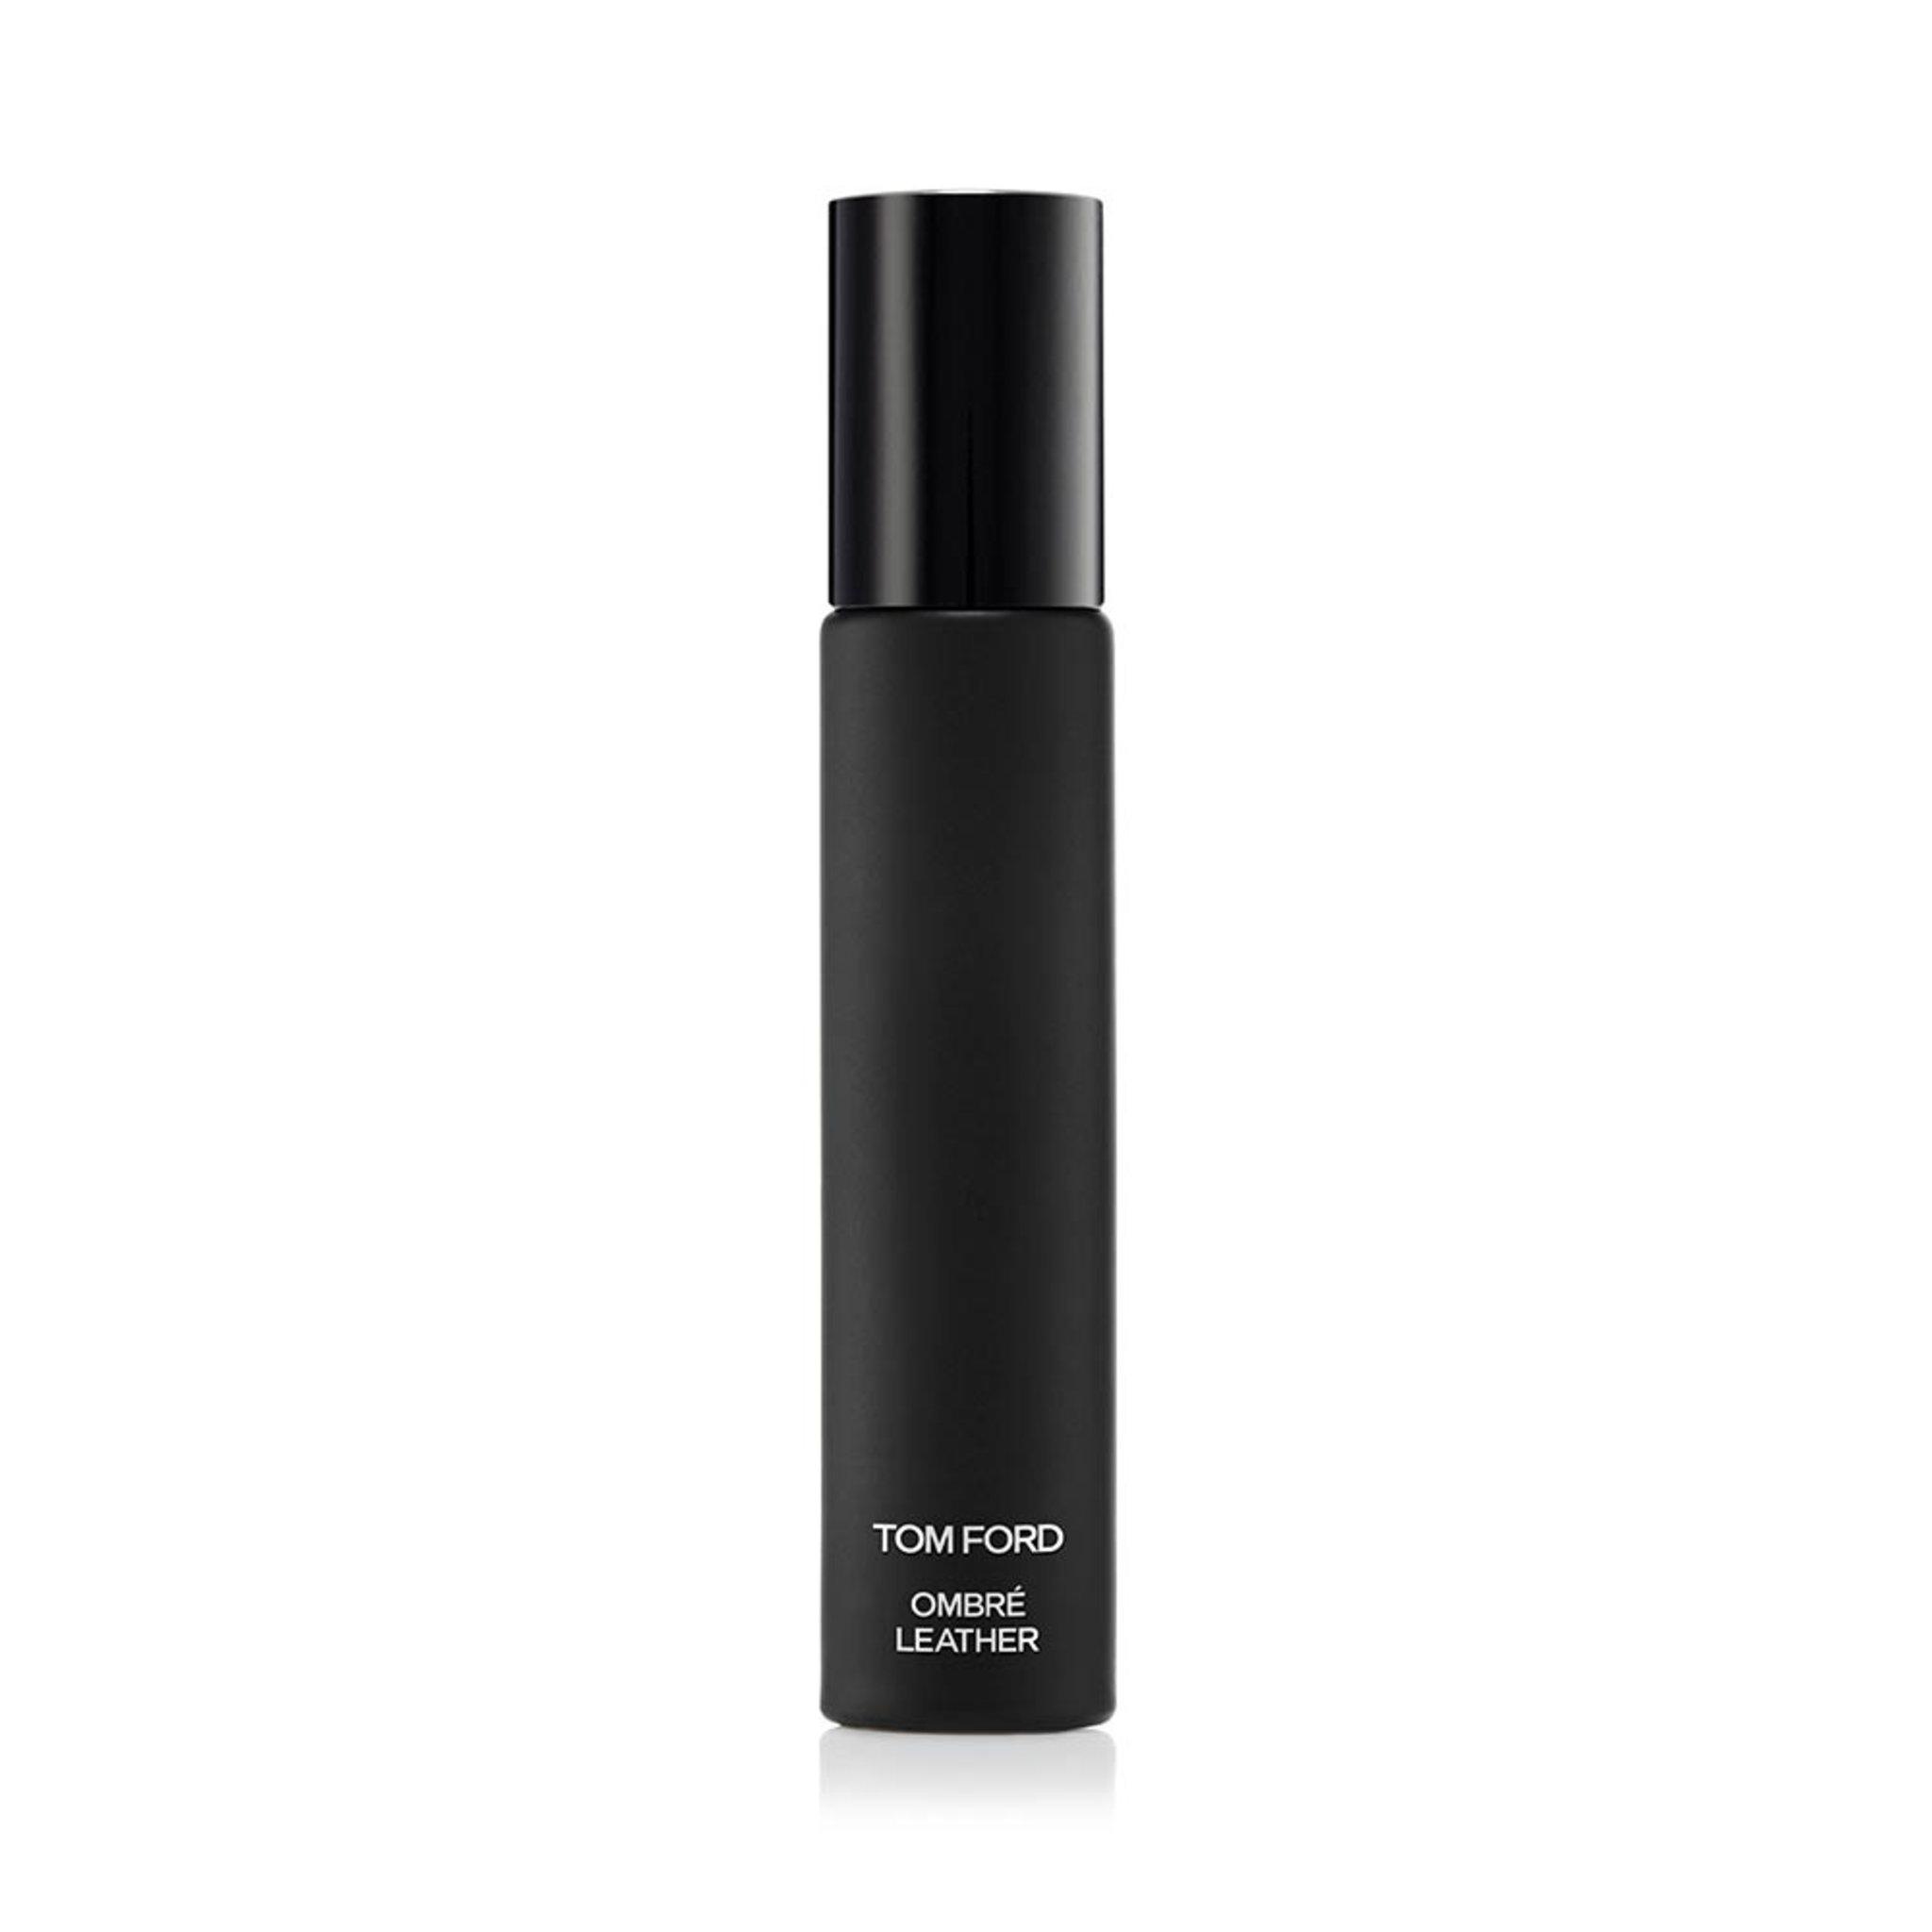 Ombré Leather Travel Spray, 10 ML